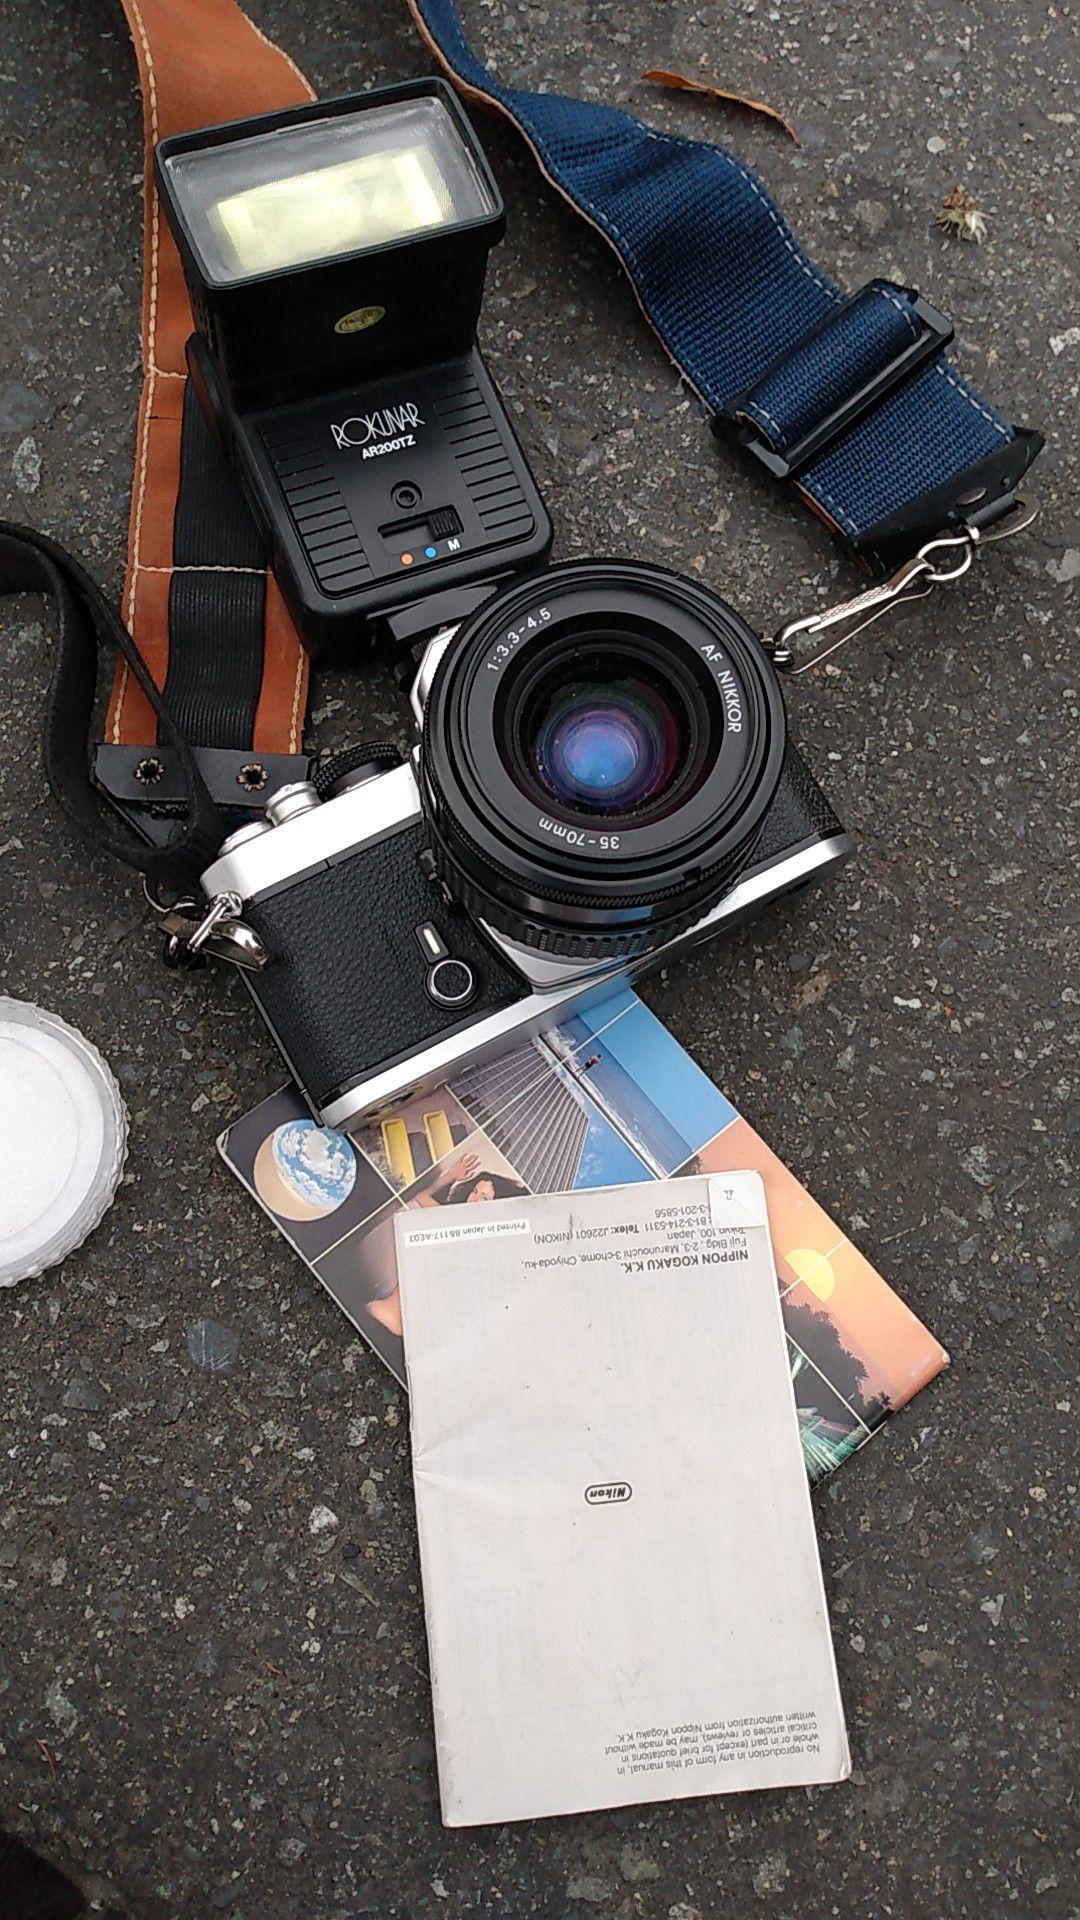 Nikon camera and three lenses